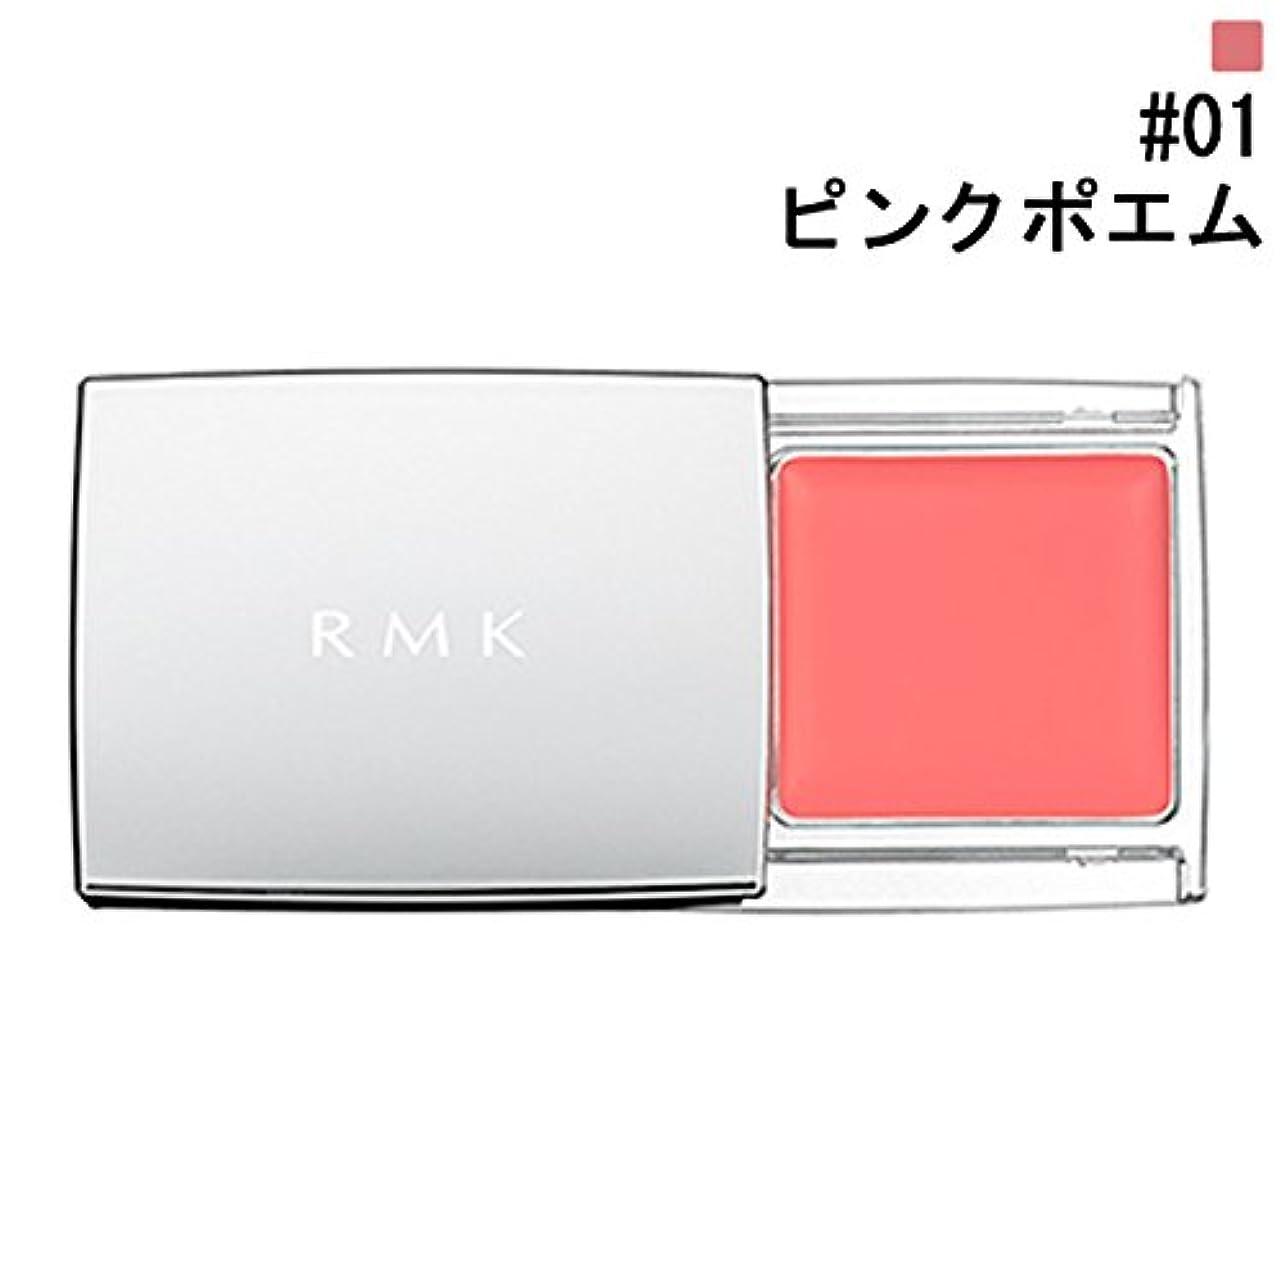 ドラフト悲劇上流の【RMK (ルミコ)】RMK マルチペイントカラーズ #01 ピンクポエム 1.5g